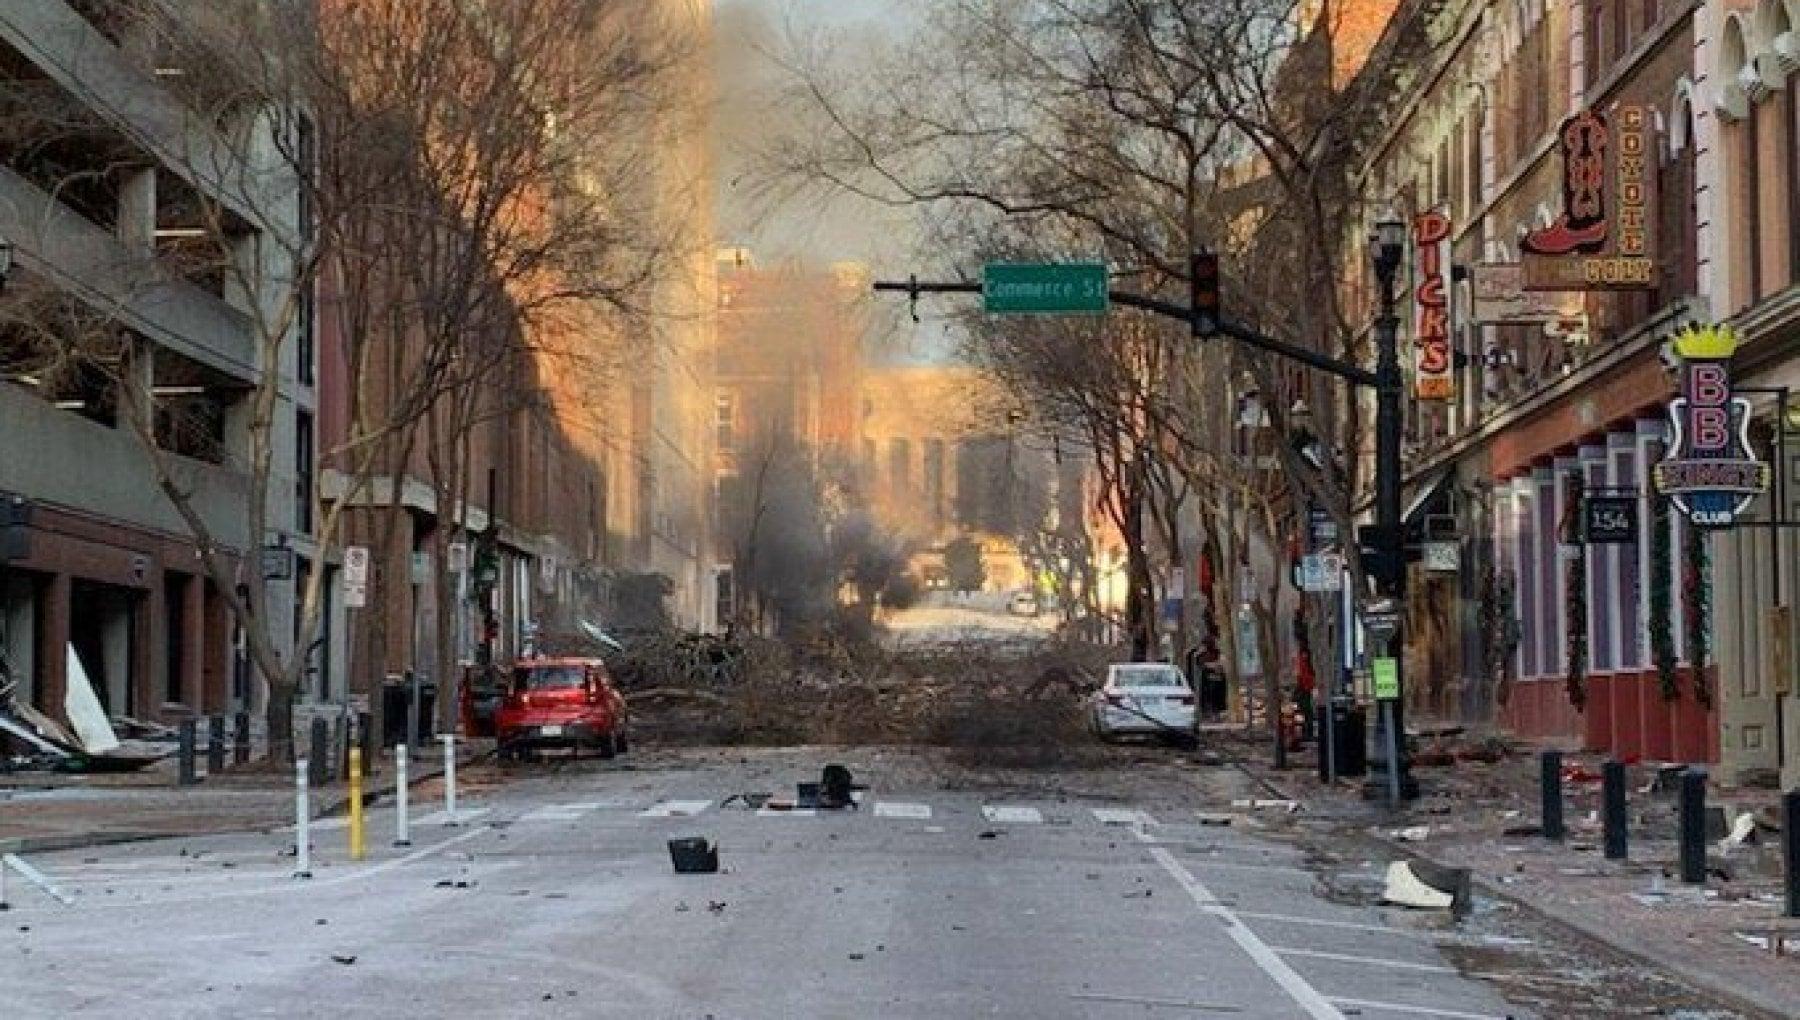 """171028618 f17a6adc db8f 4ace bca8 fe6acd339403 - Usa, esplosione nel centro di Nashville: """"Atto intenzionale"""". Media locali: trovati resti umani"""